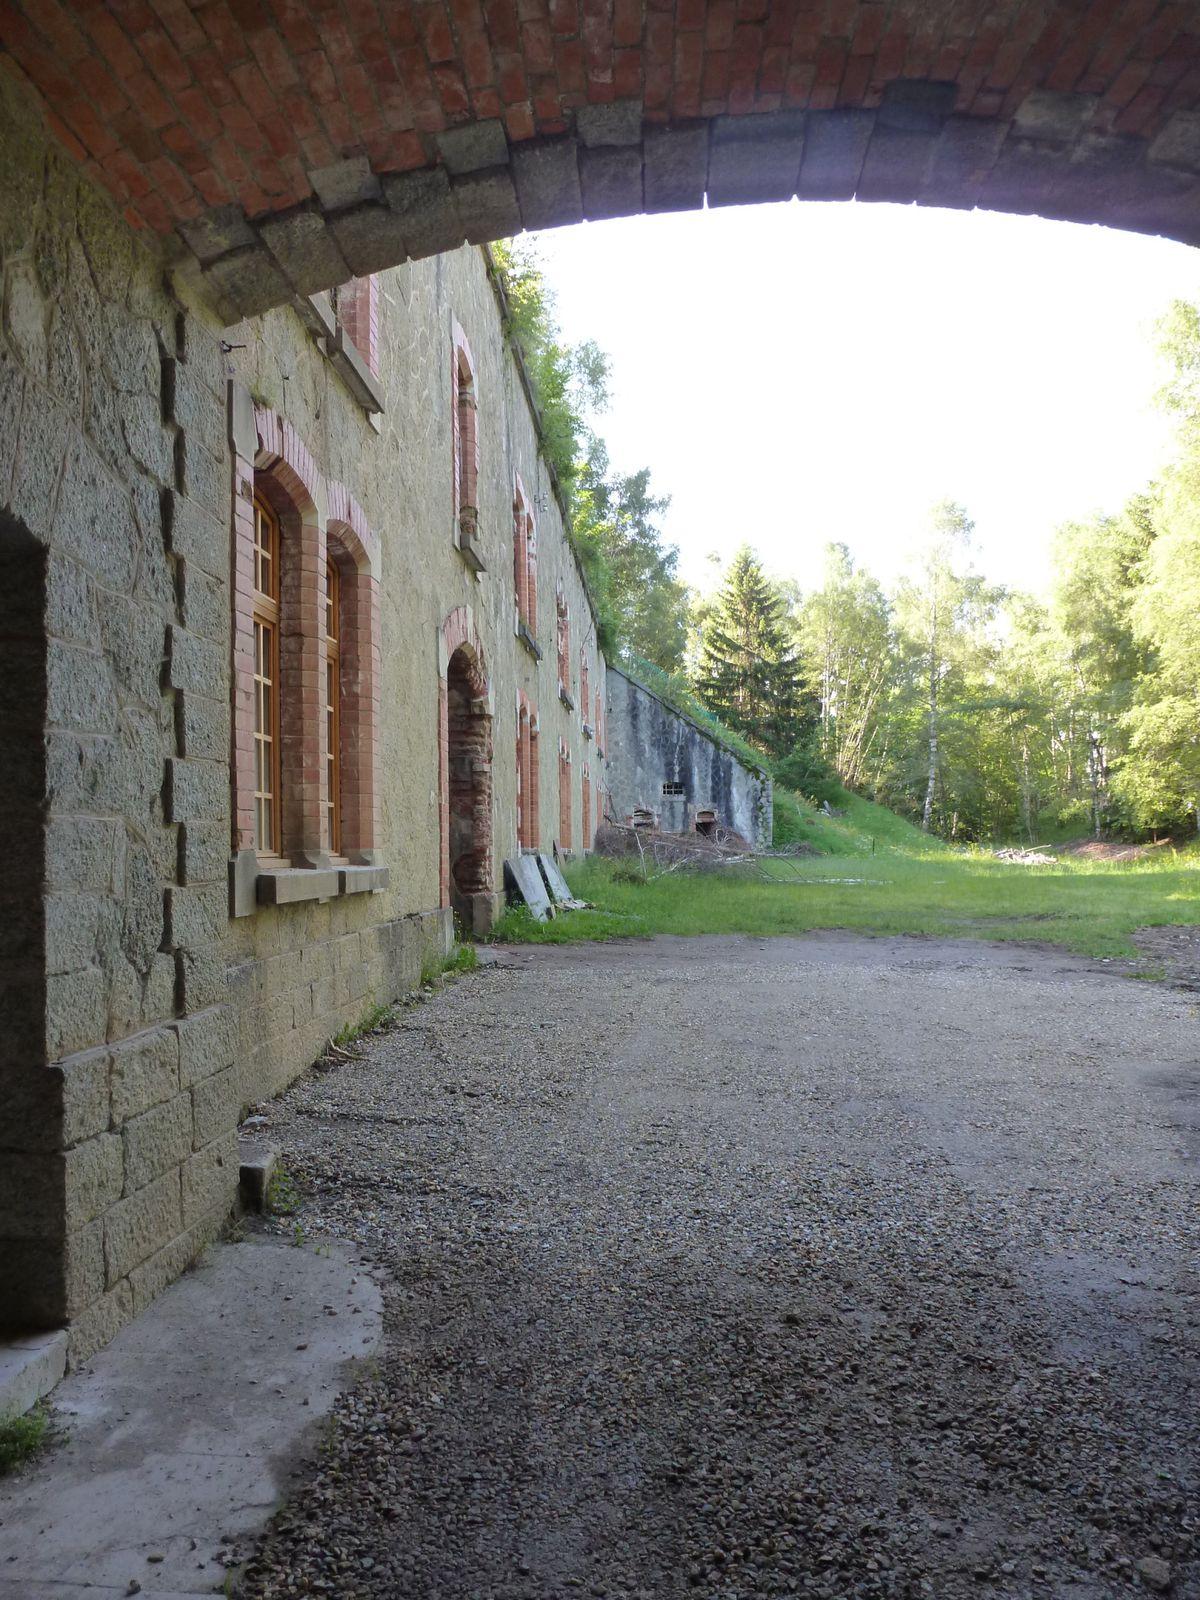 Petit coup d'oeil à travers la porte derrière les douves - le fort du Mont ne semble pas aussi bien entretenu que d'autres forts dans la région...